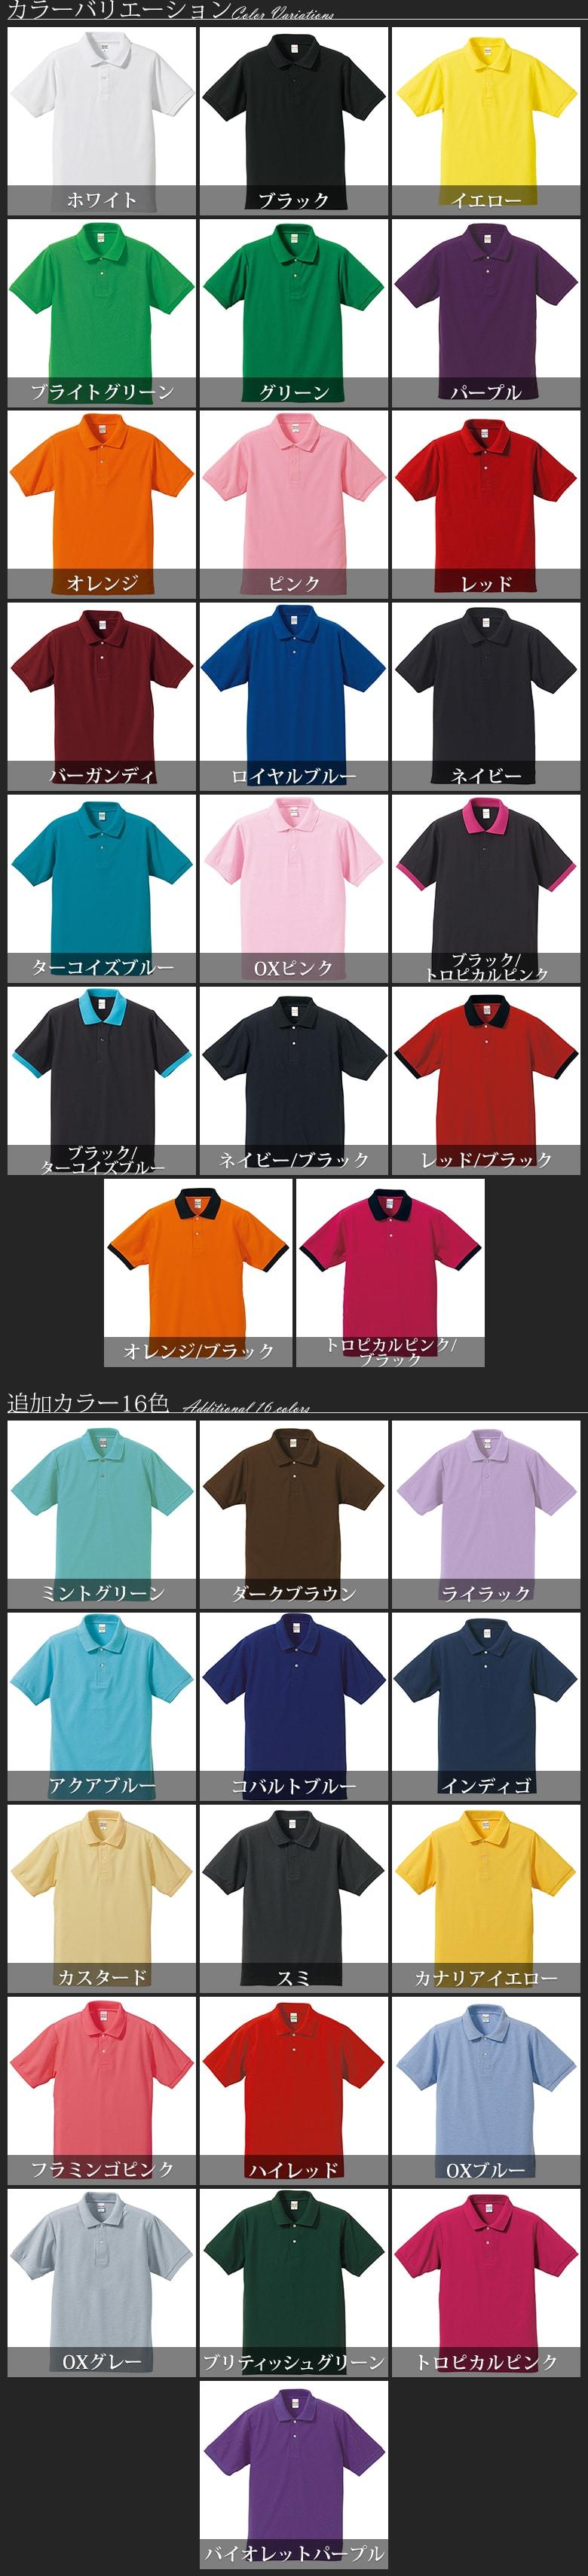 ポロシャツ 半袖 白 ポロシャツ レディース 半袖 かわいい 商品カラー一覧